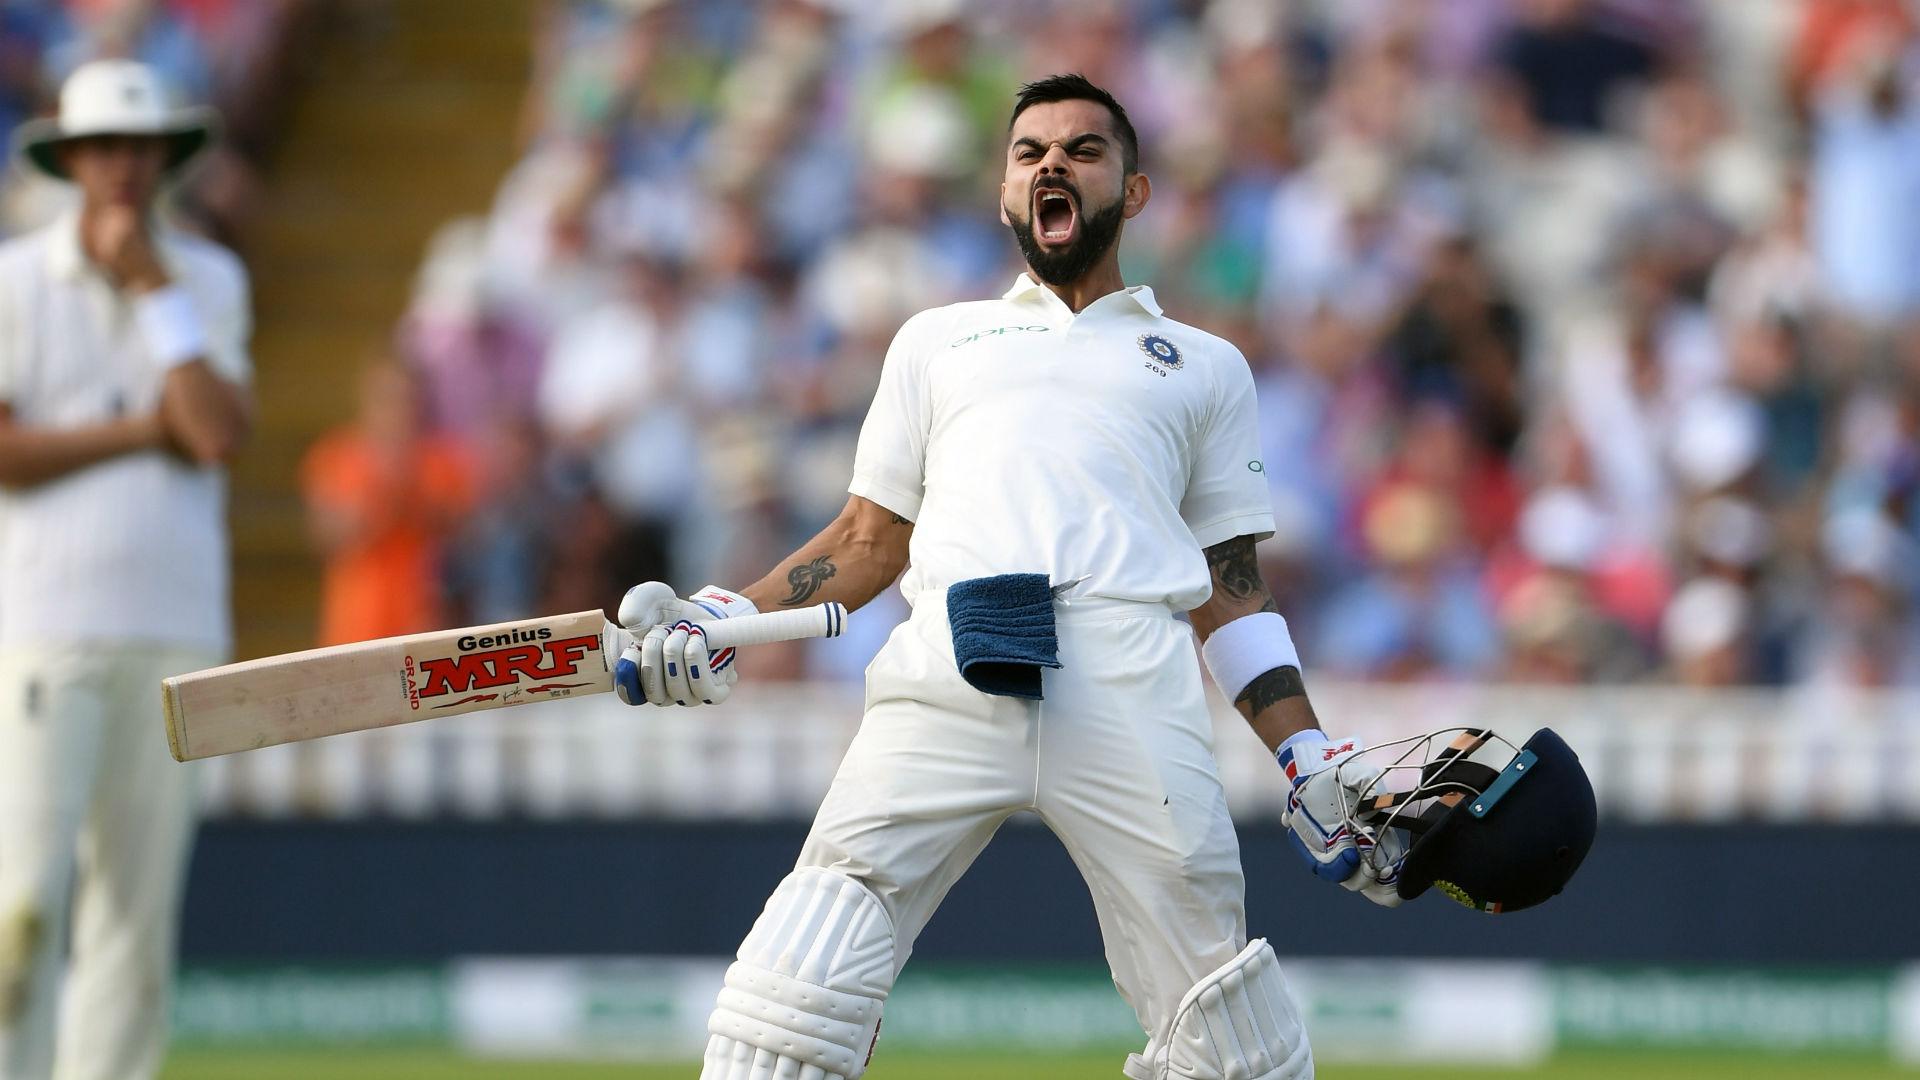 दुनिया के सर्वश्रेष्ठ बल्लेबाज विराट कोहली आज तक इन देशो में नहीं लगा सके है 1 भी शतक 23